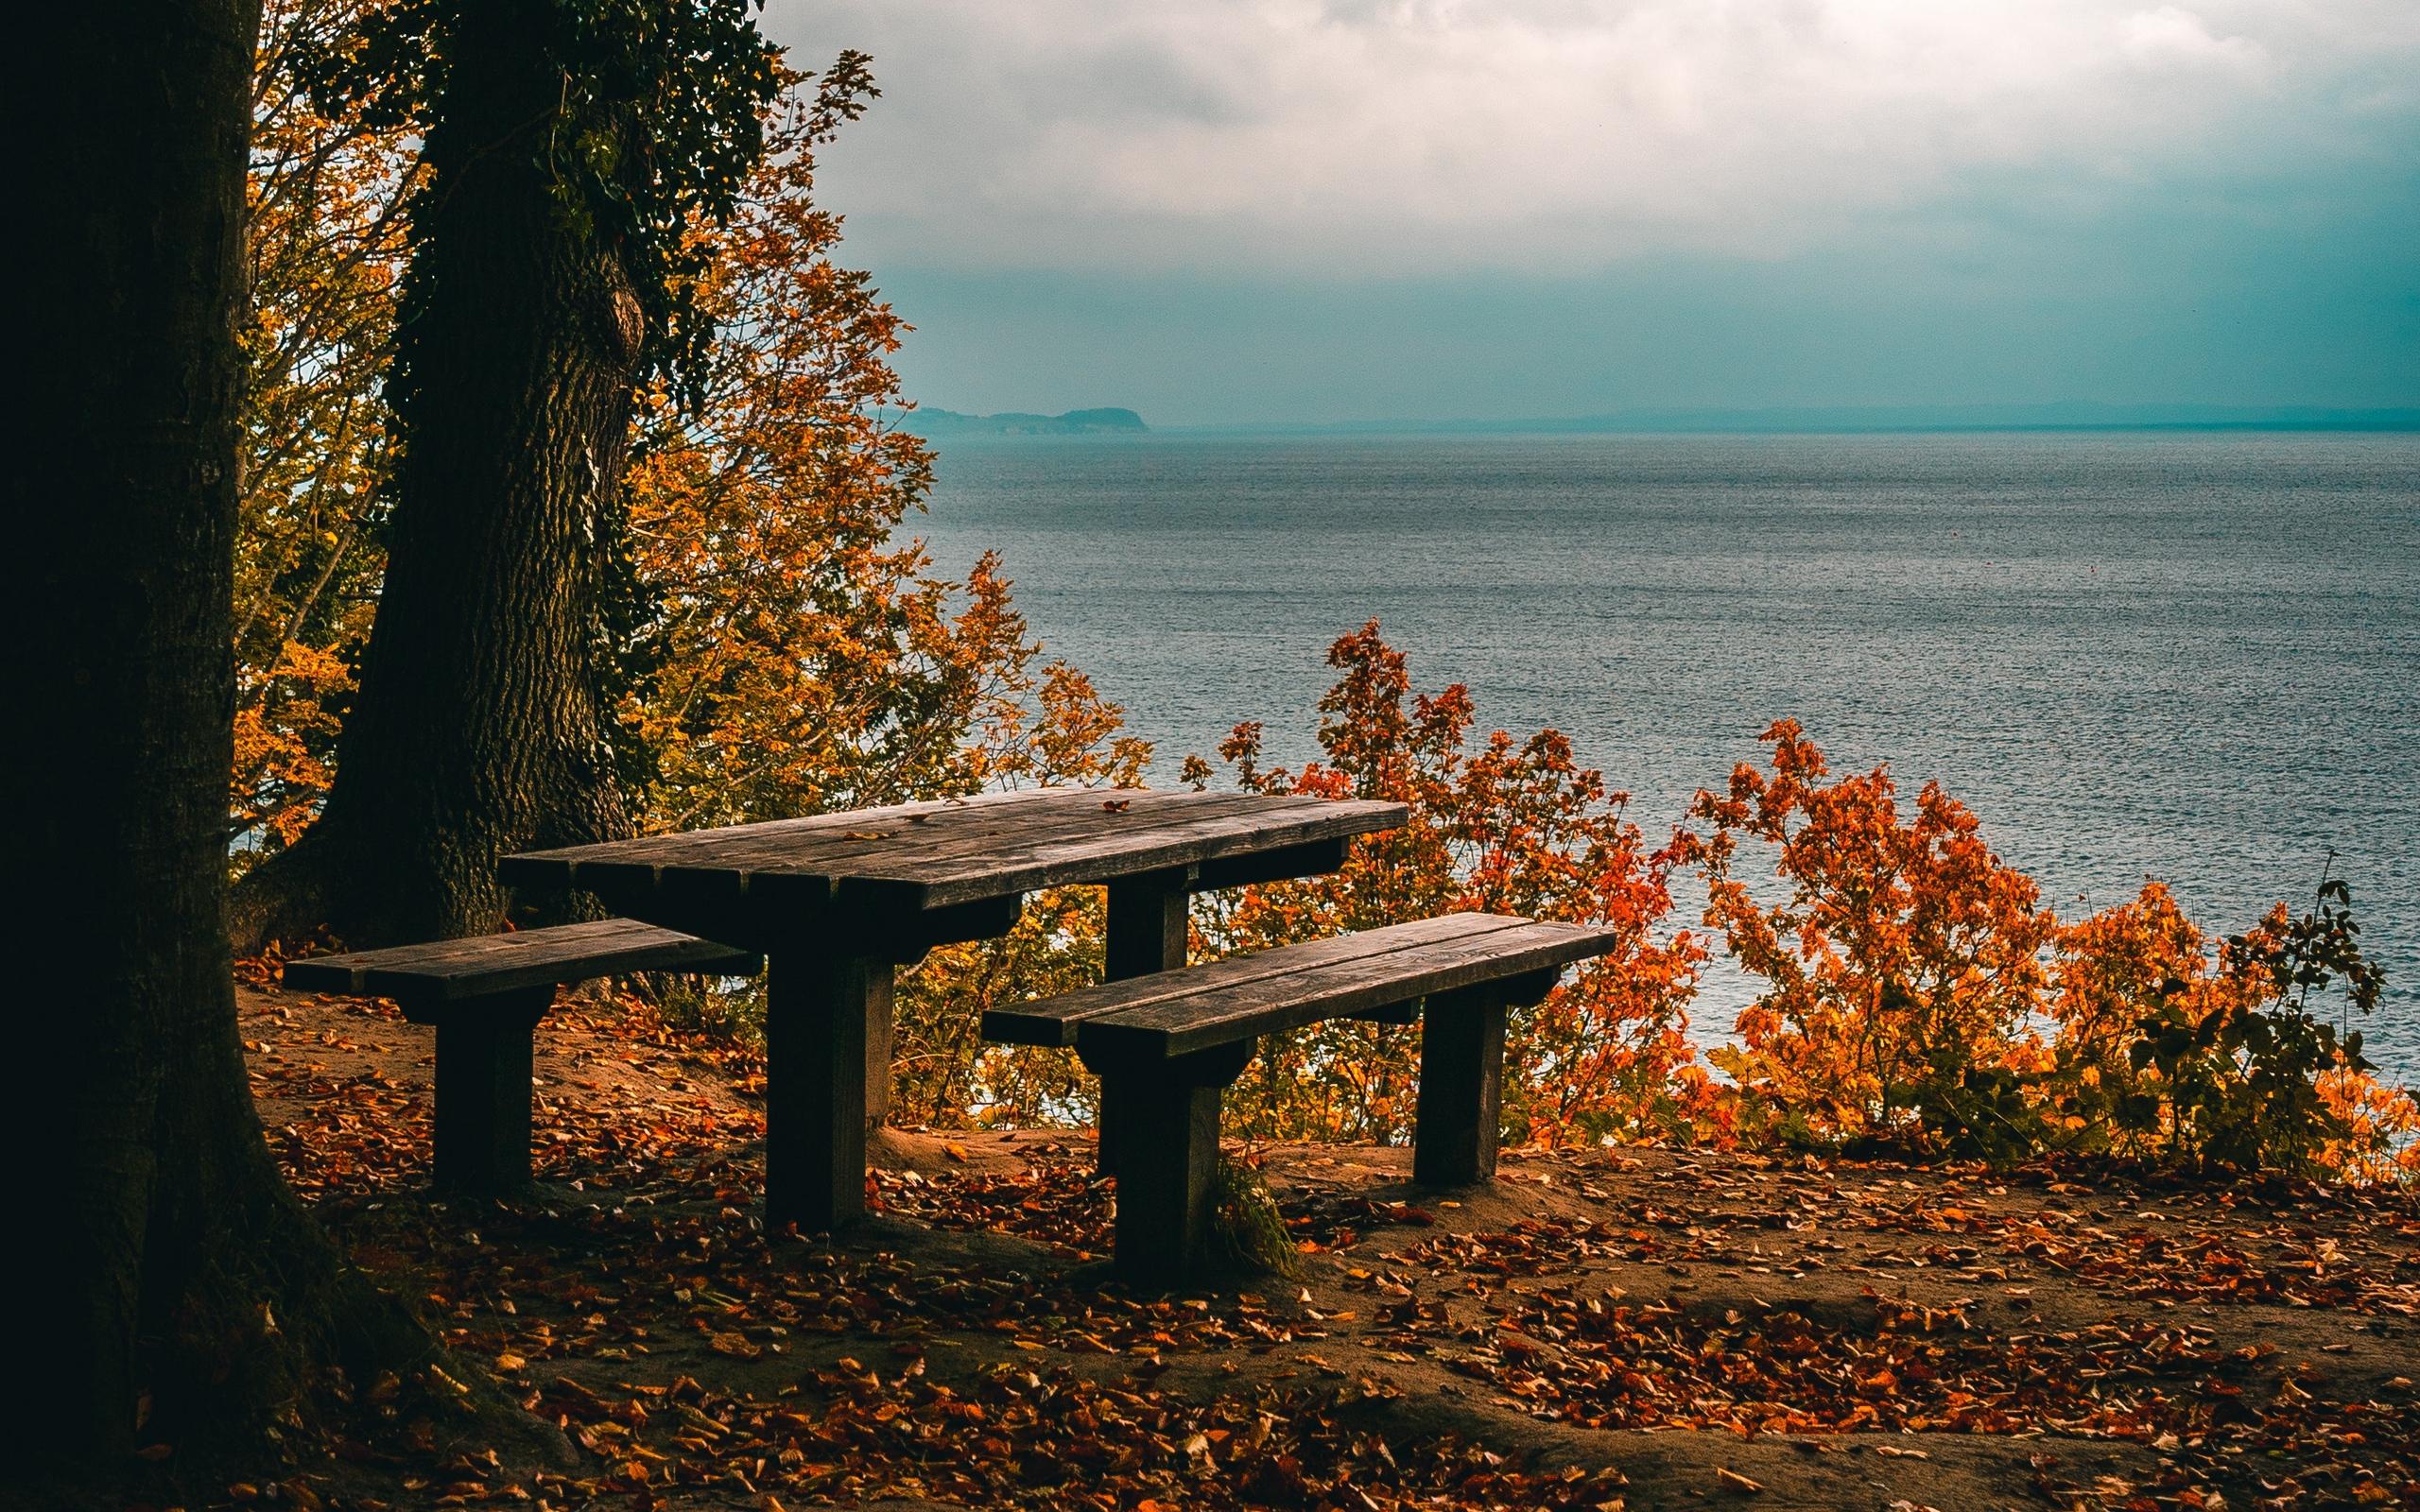 осень, берег, море, скамейка, широкоформатные обои, природа